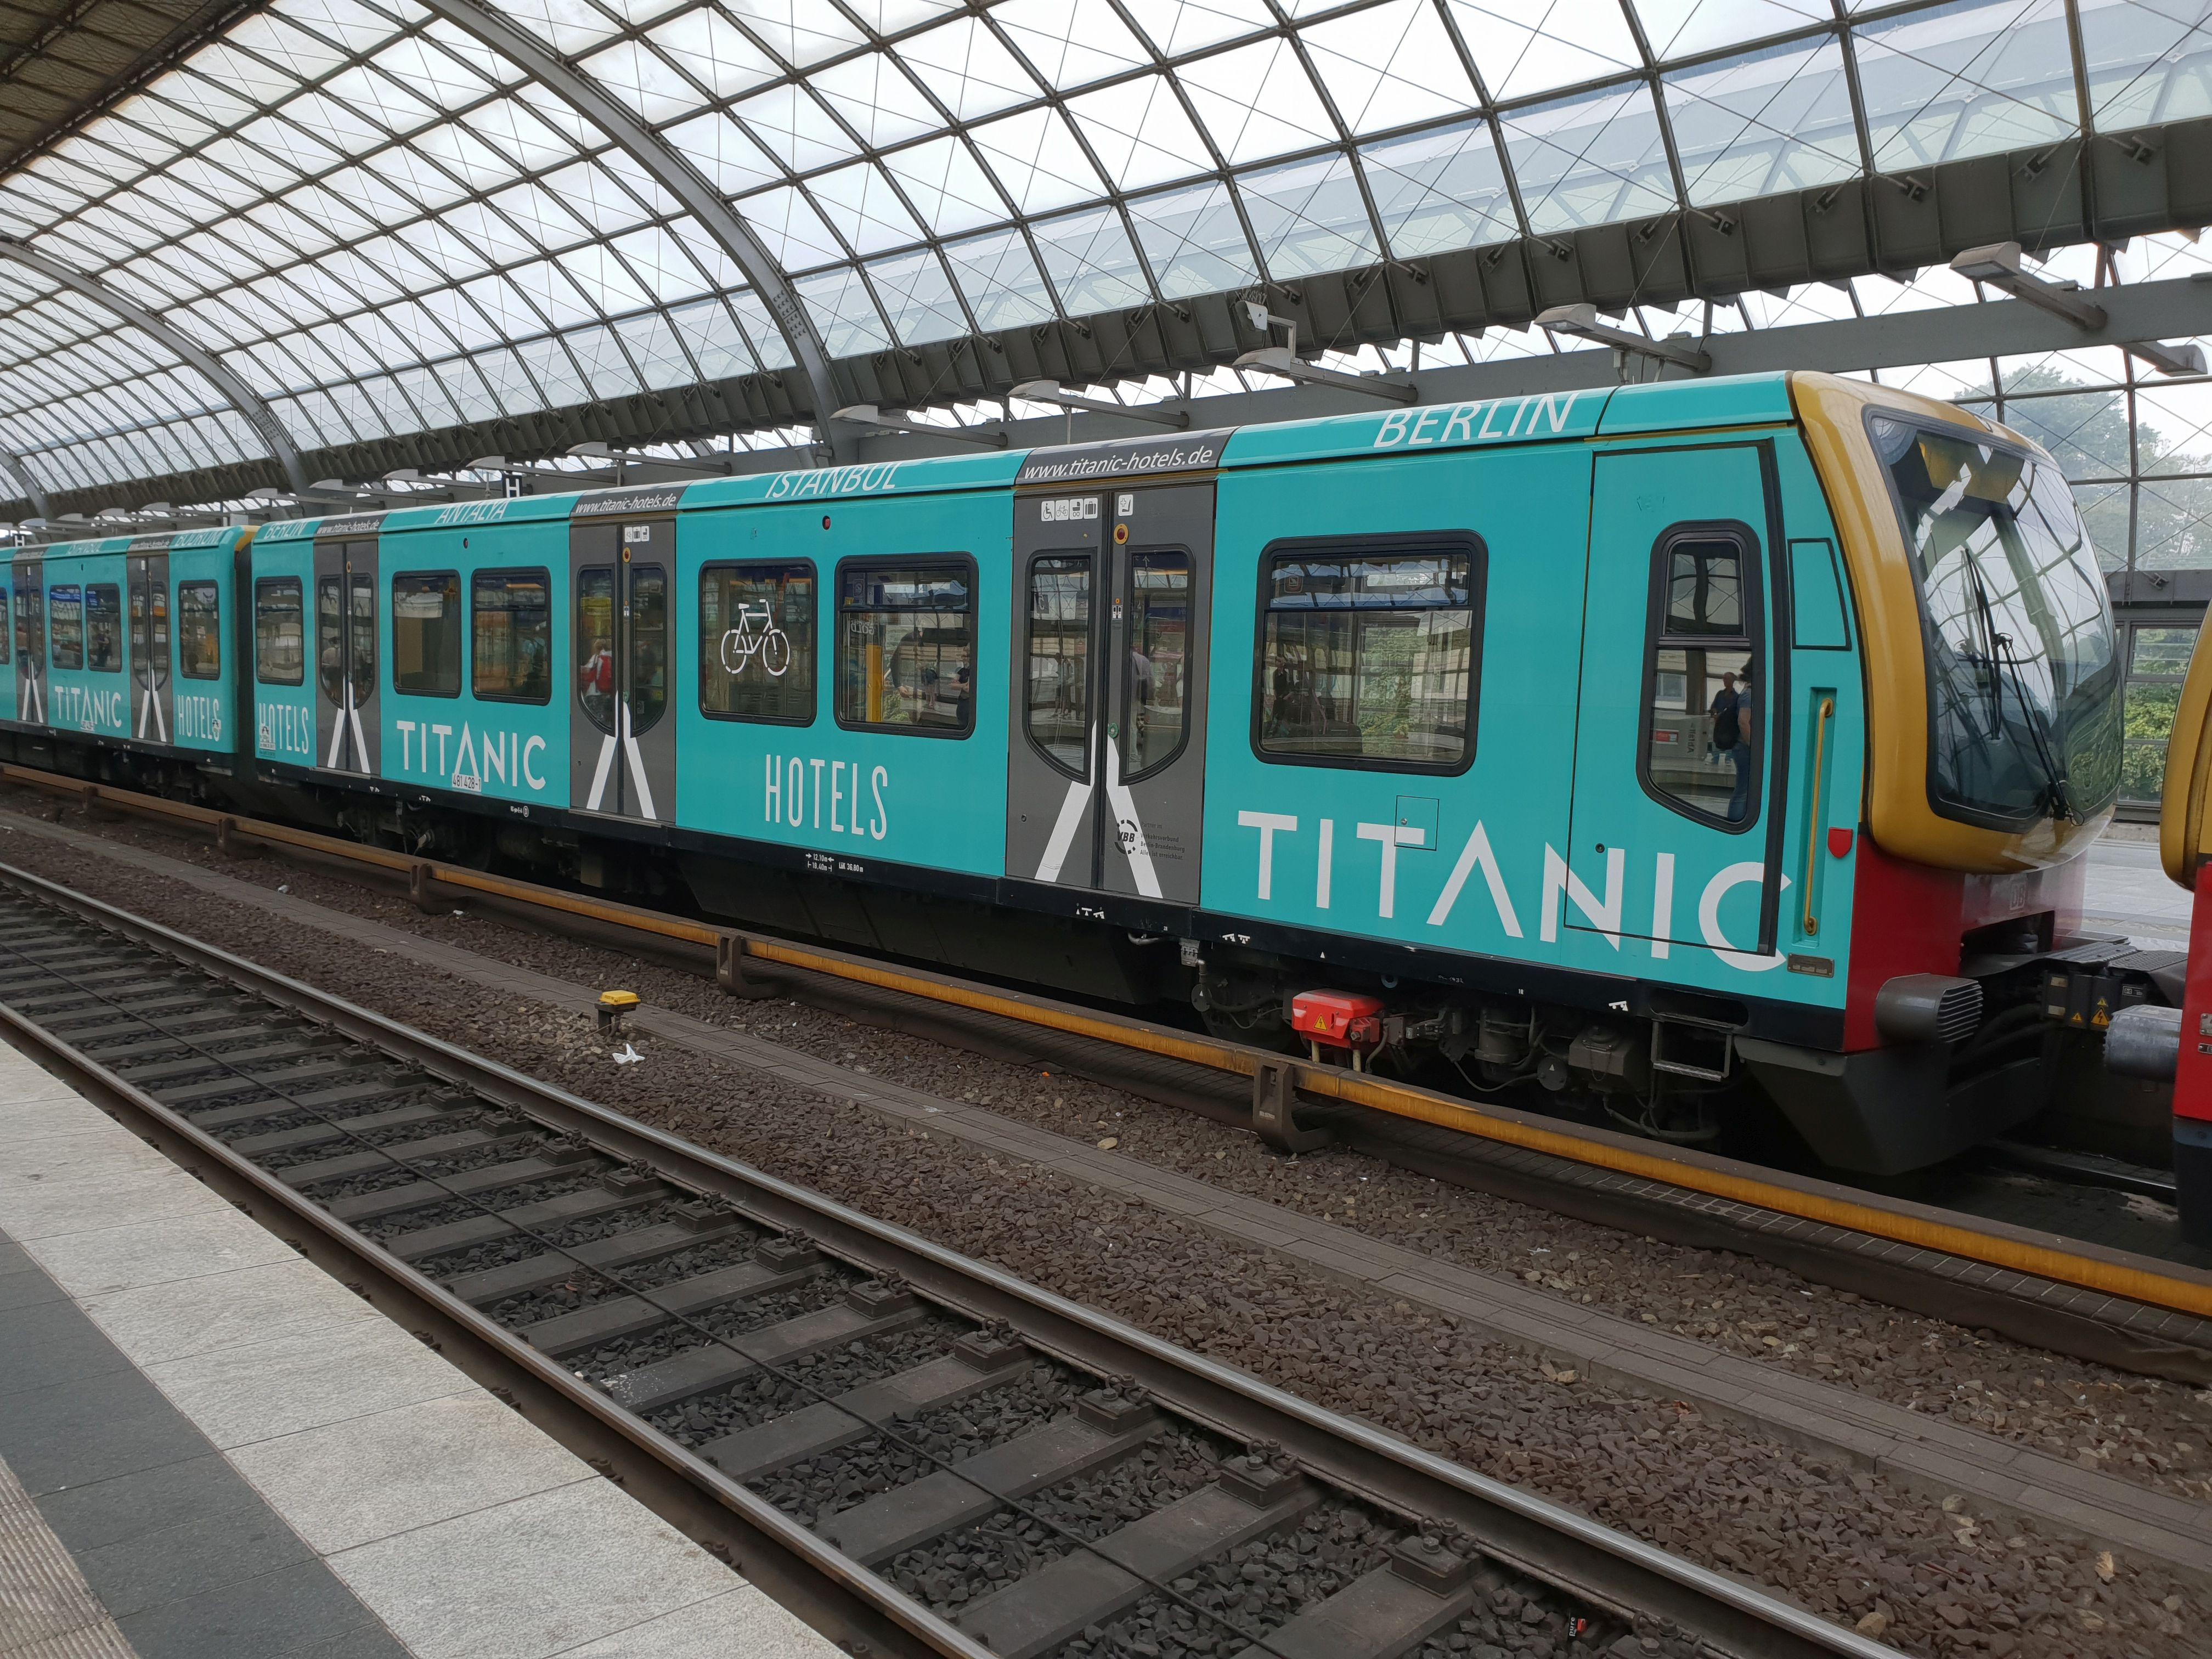 """Foto:S-Bahn 481 428, Baureihe481/482, """"Titanic"""", Spandau, 2018"""